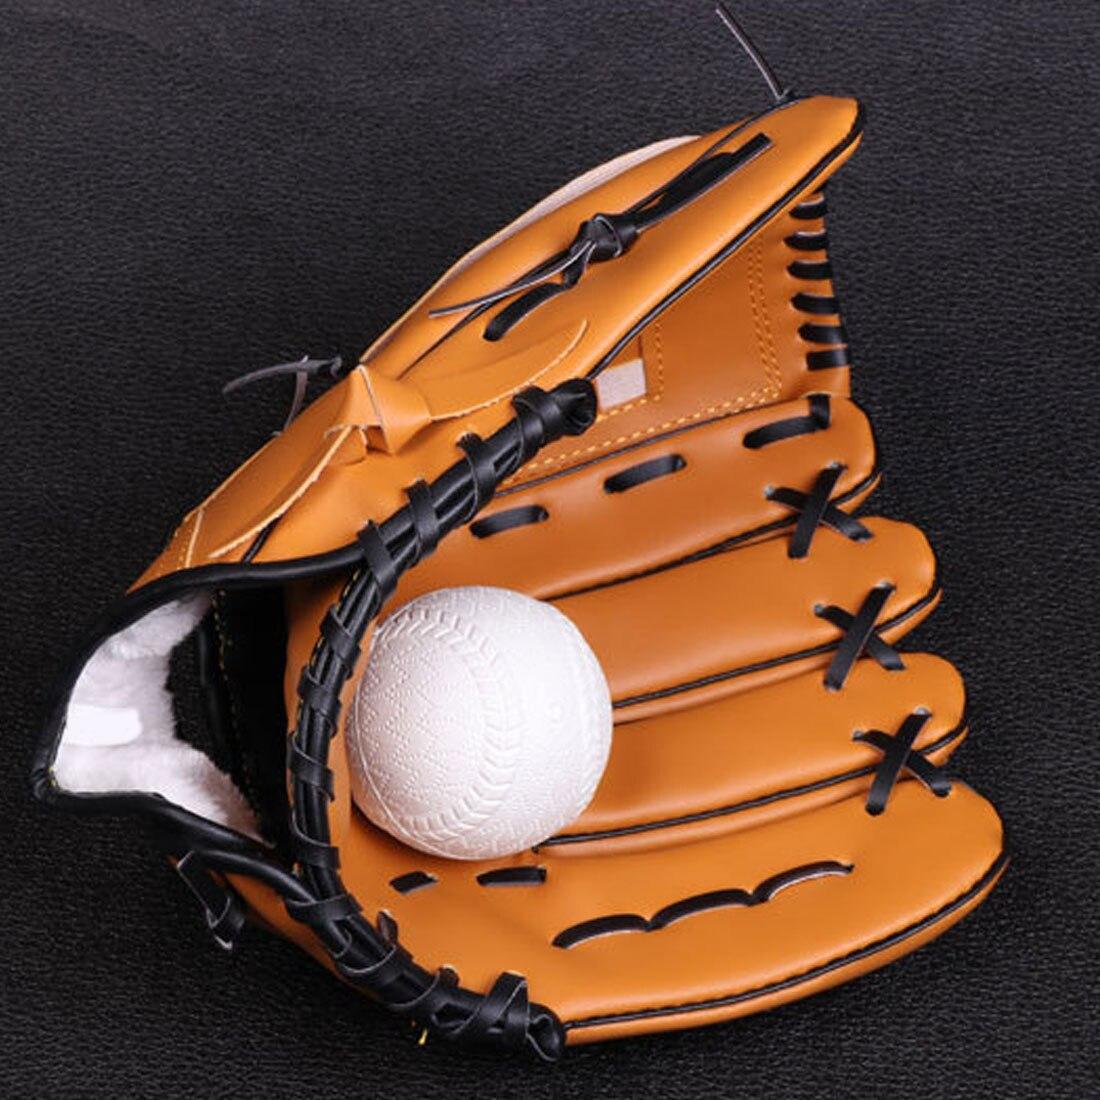 Sport & Unterhaltung Hot Outdoor Sport Softball Braun Baseball Handschuh Praxis Verdicken Ausrüstung Größe 10,5/11,5/12,5 Links Hand Für Erwachsene Männer Frauen